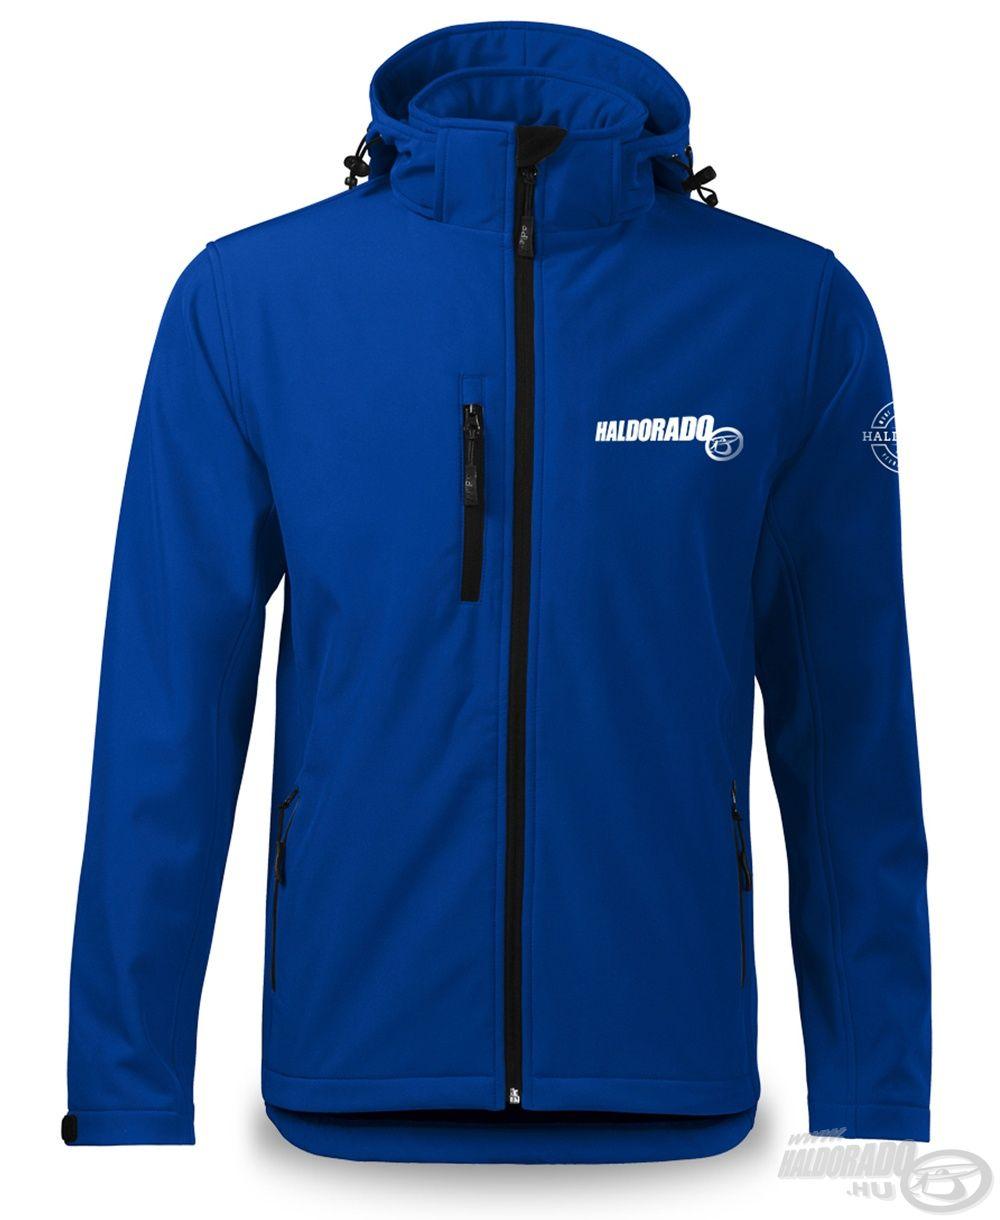 A Feeder Team Softshell Performance királykék színű kabát 94% poliészter és 6% elasztán anyagból készült